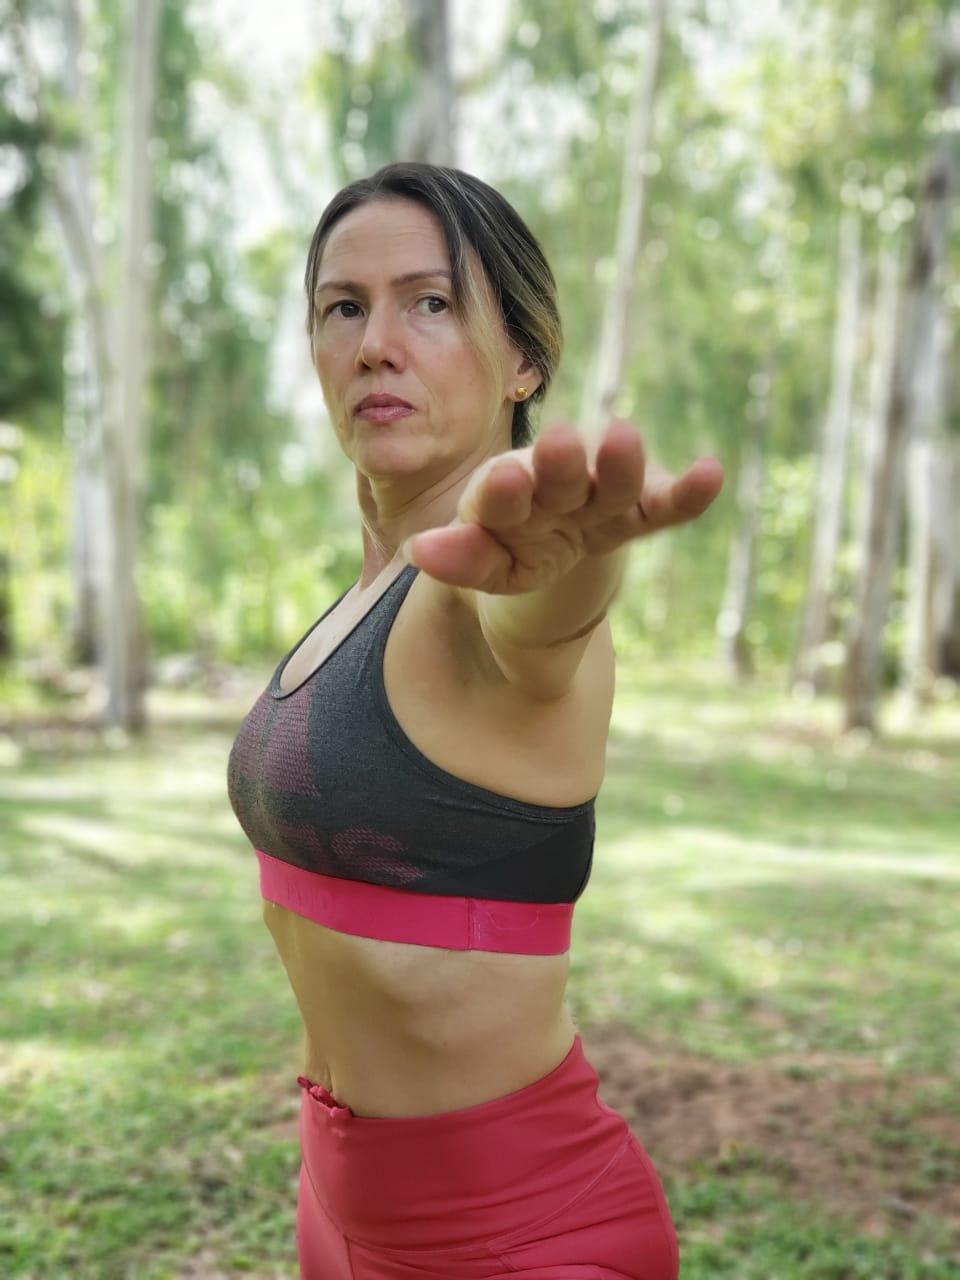 Cualquier persona puede practicar Yoga, desde los niños, ancianos, deportistas, embarazadas, todos, diceSonia Amarilla. Foto: Erik Hansen (Gentileza).